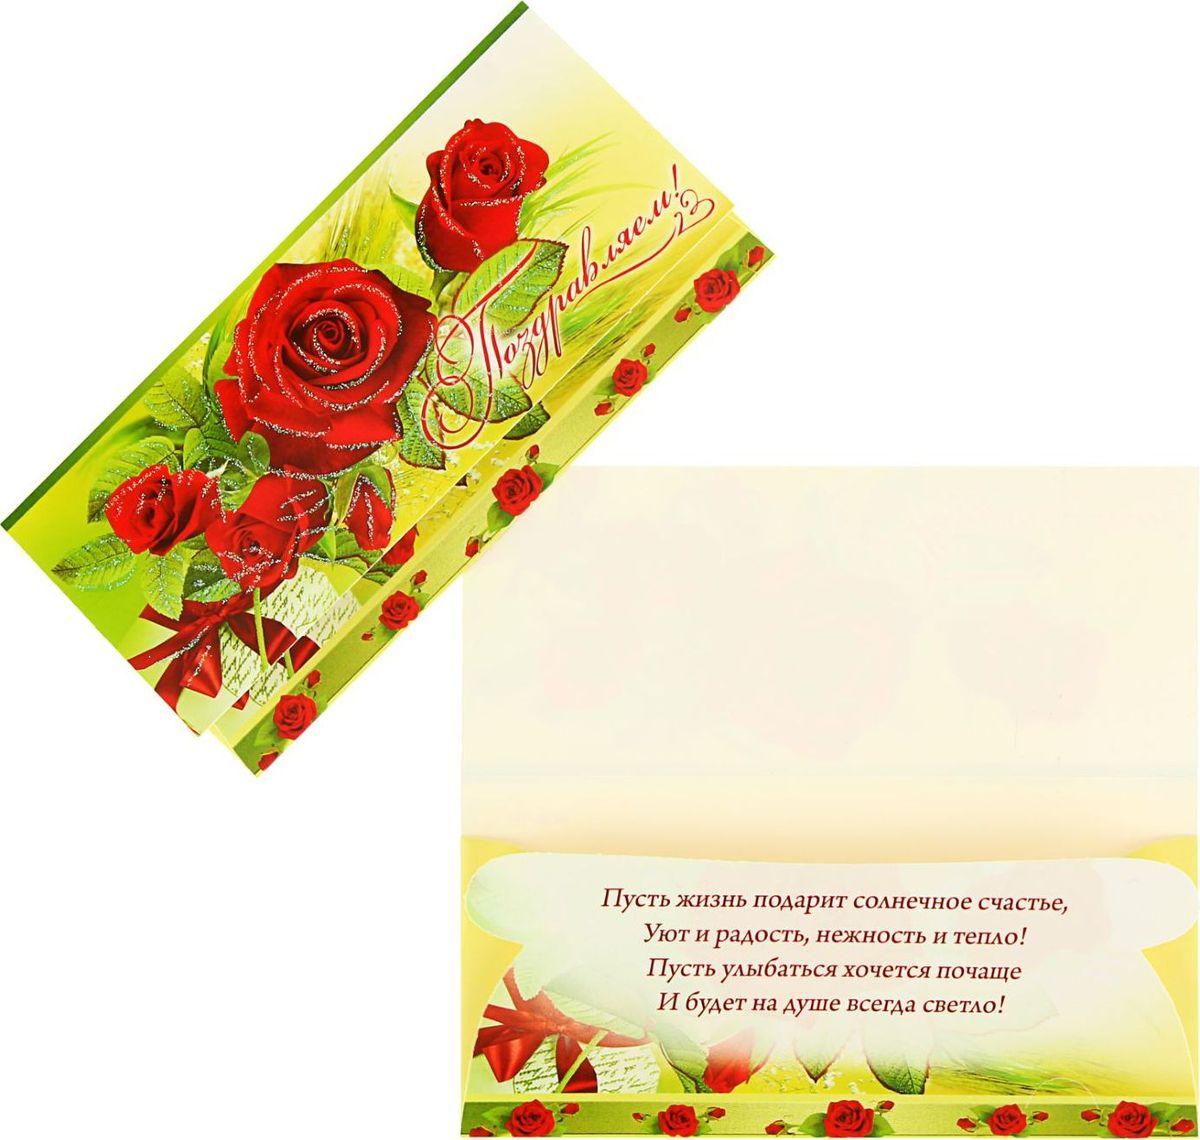 Картинки с поздравлениями на конверт